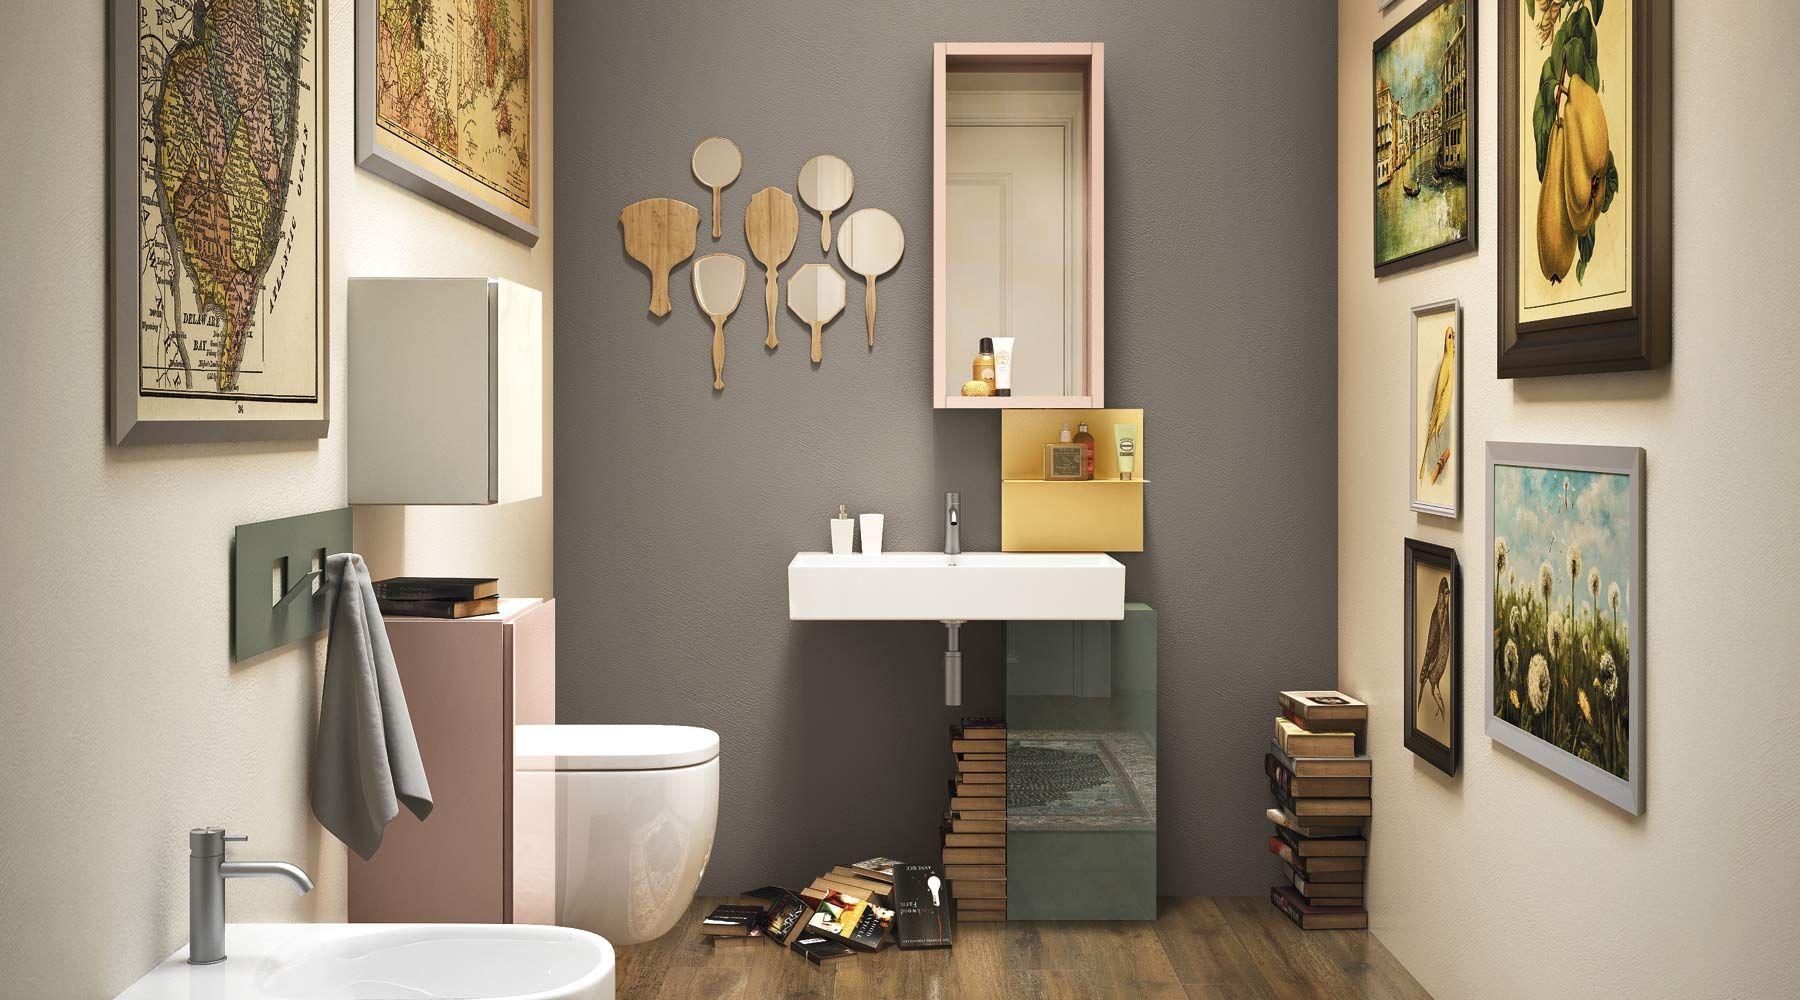 Badezimmer dekor hinter wc basica basin  badezimmer  pinterest  badezimmer einrichtung und